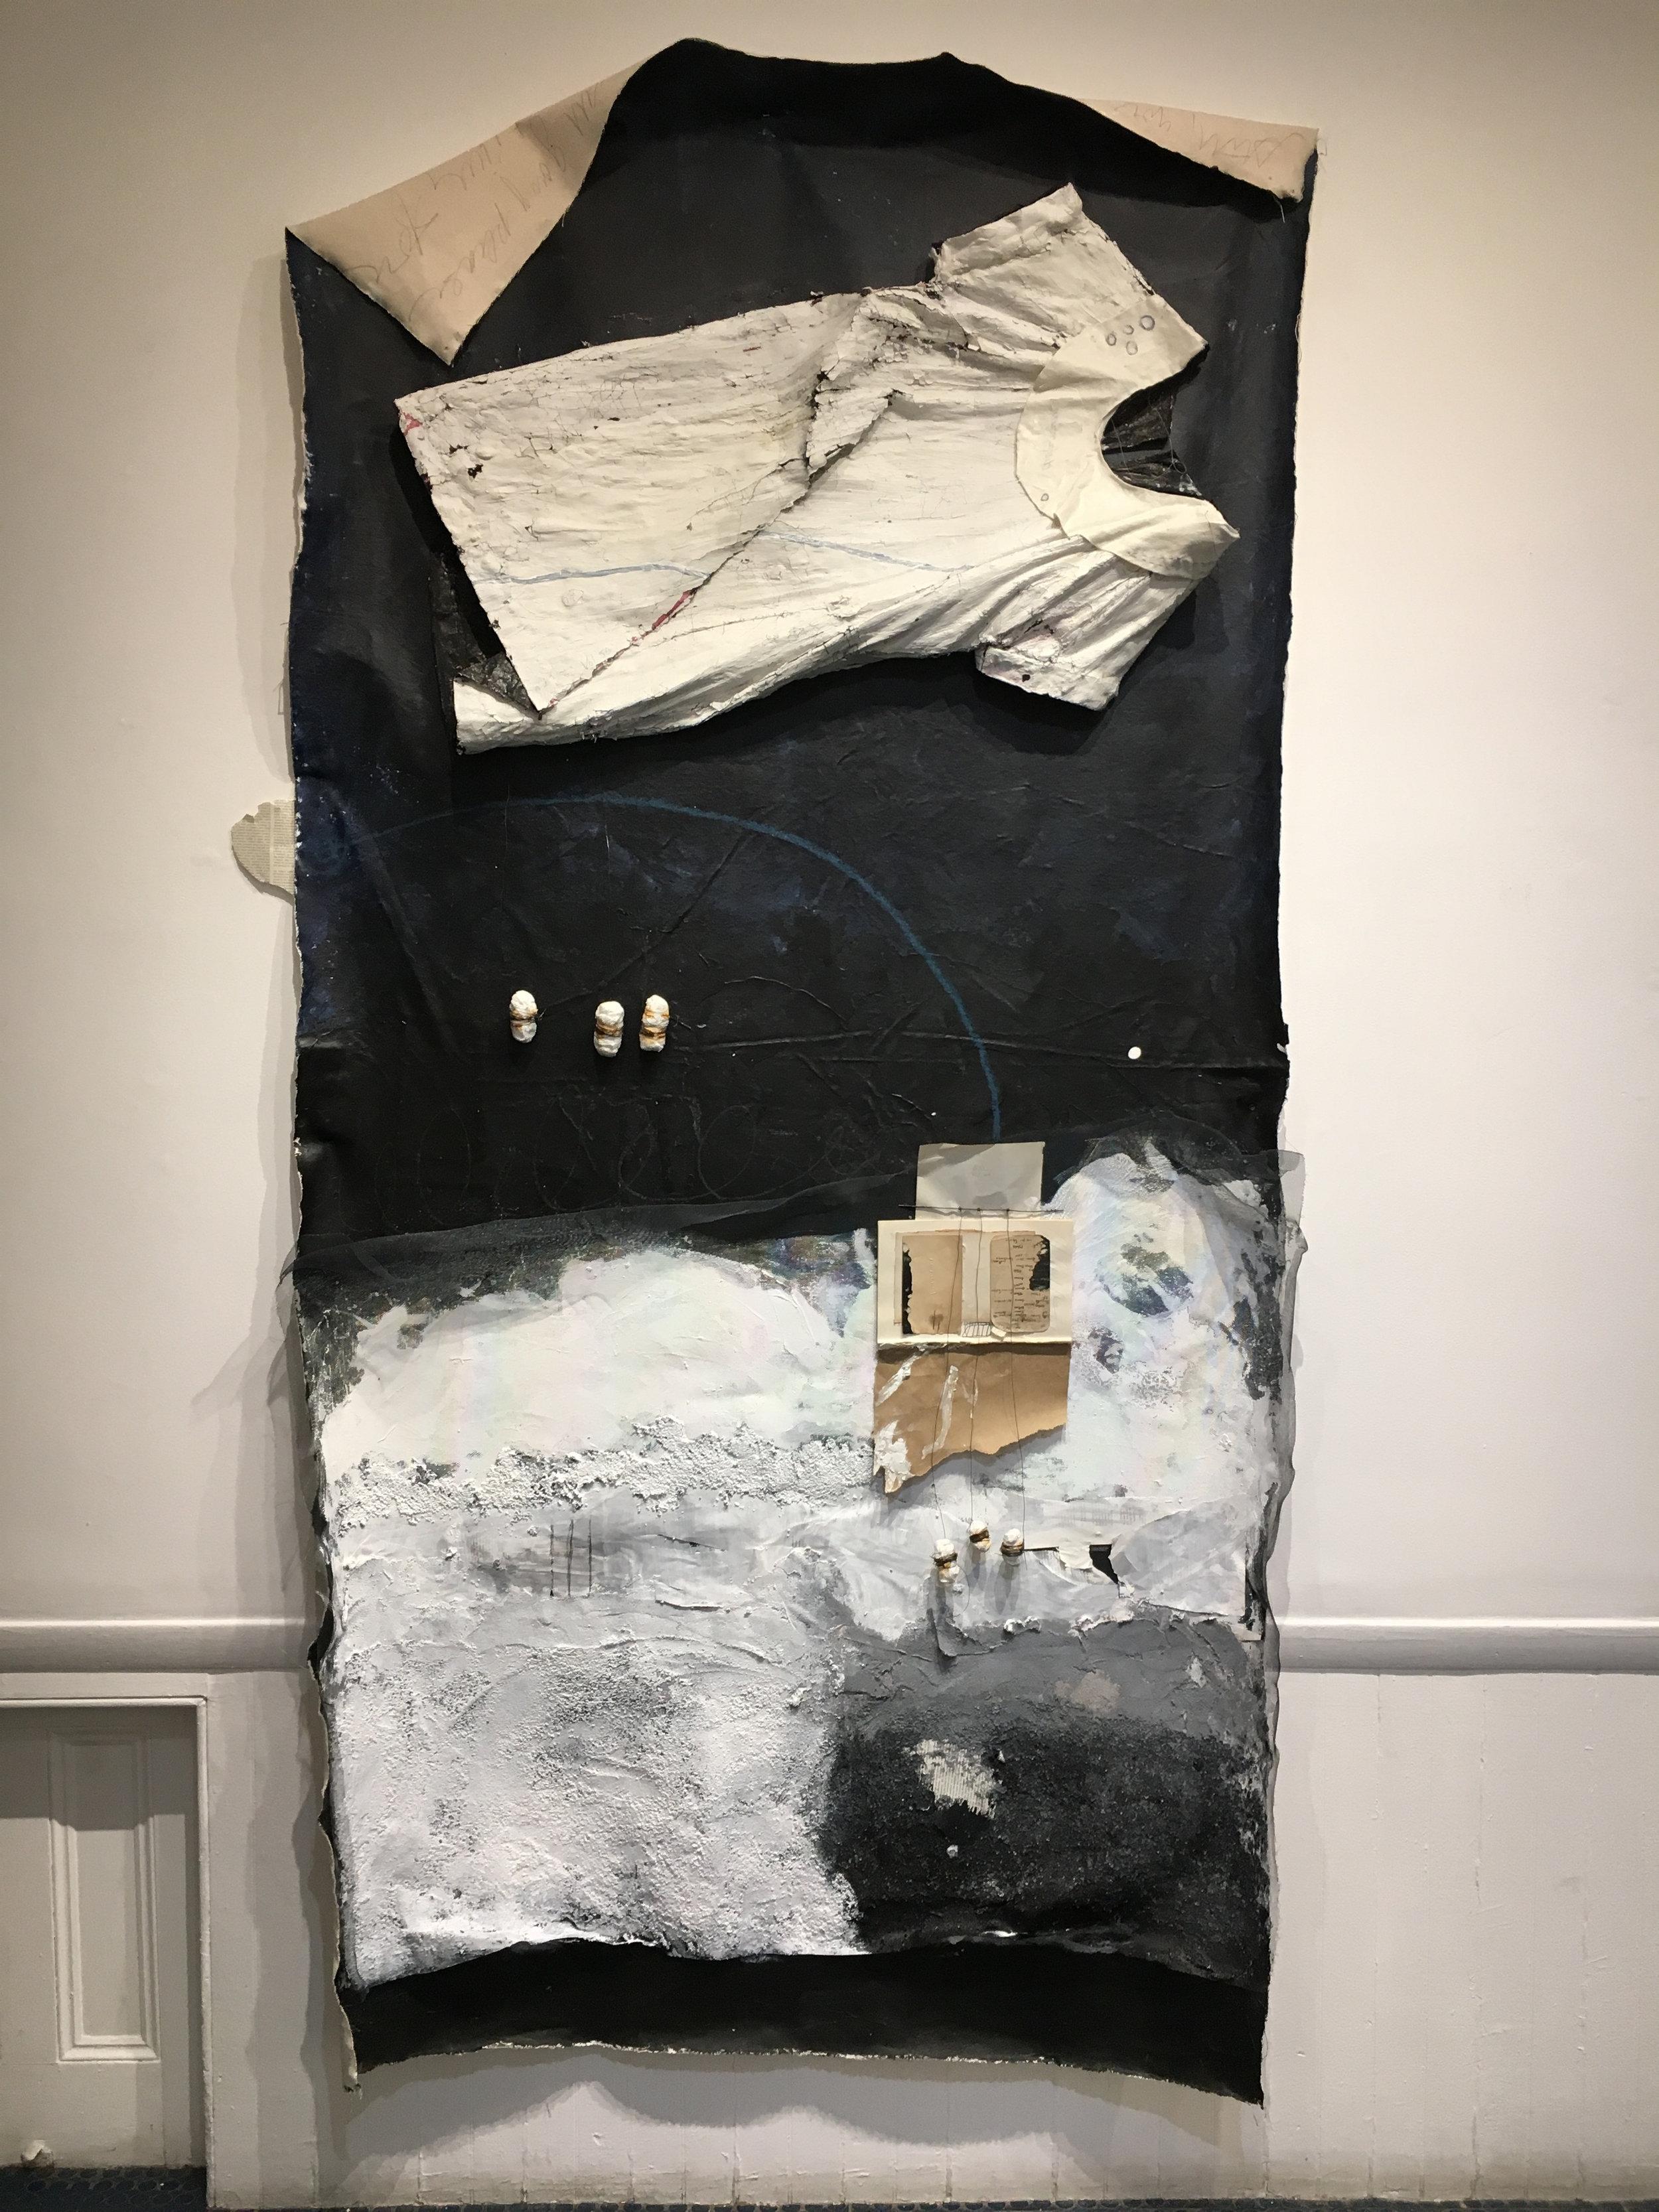 Pupal . 2017. Canvas, paint, paper, dress, plaster, wire. 5' x 6'.